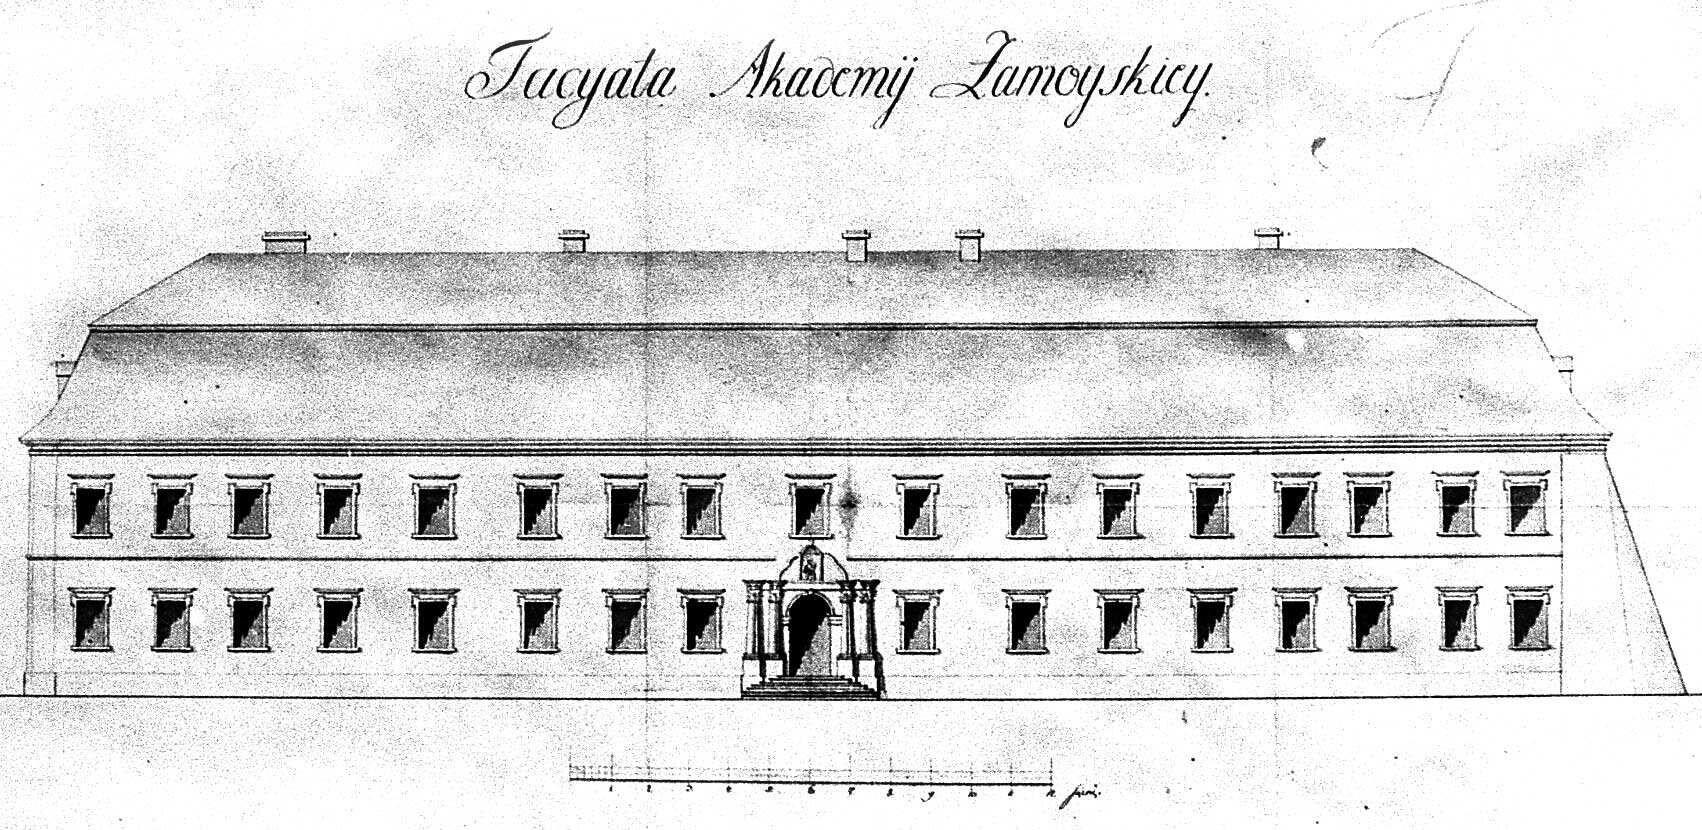 Widok fasady Akademii Zamojskiej wZamościu z1810 r. Źródło: Widok fasady Akademii Zamojskiej wZamościu z1810 r., 1810, domena publiczna.